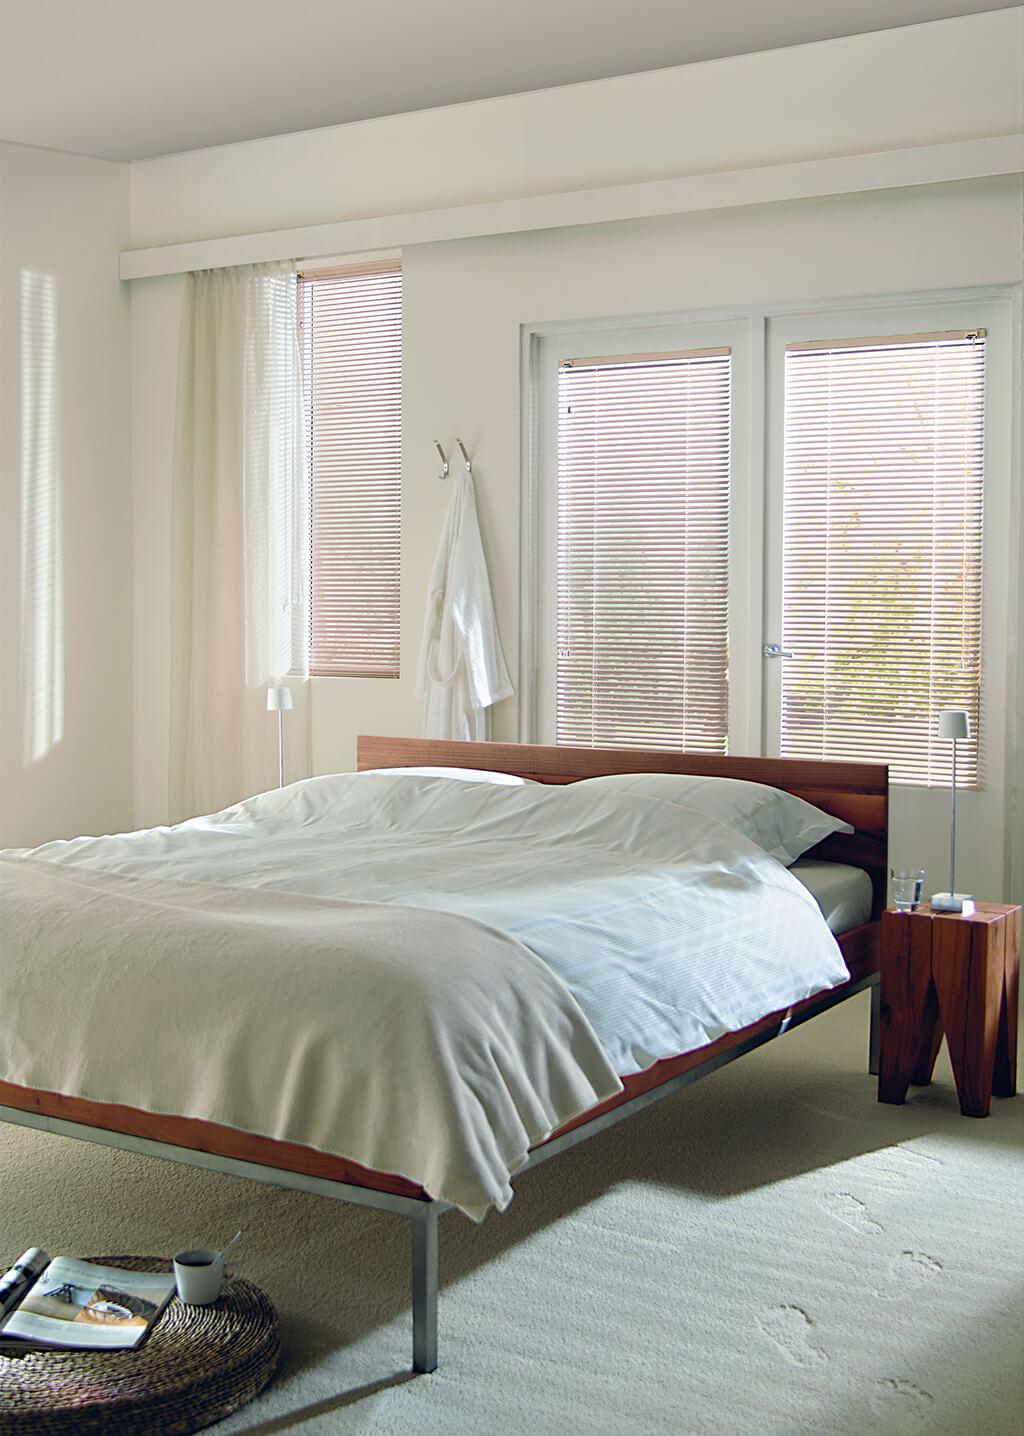 Schlafzimmer verdunkeln - für Sichtschutz und Ruhe